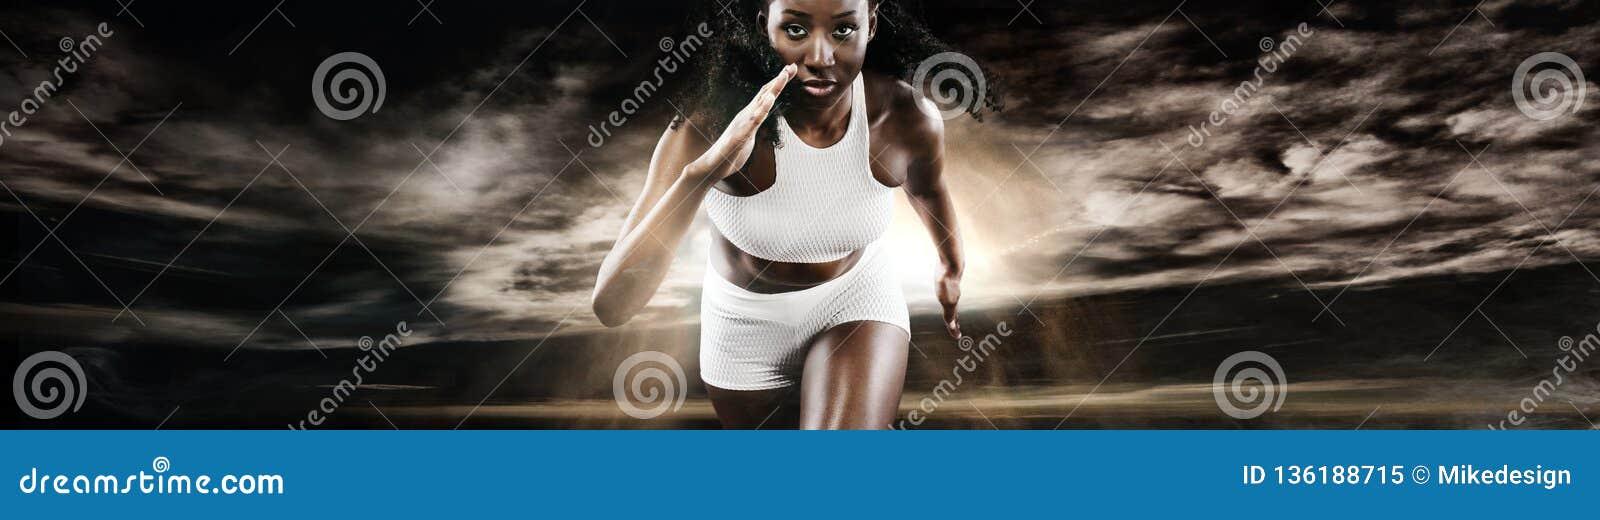 Ισχυρή αθλητική γυναίκα sprinter, τρέχοντας στο σκοτεινό υπόβαθρο που φορά sportswear Ικανότητα και αθλητικό κίνητρο δρομέας